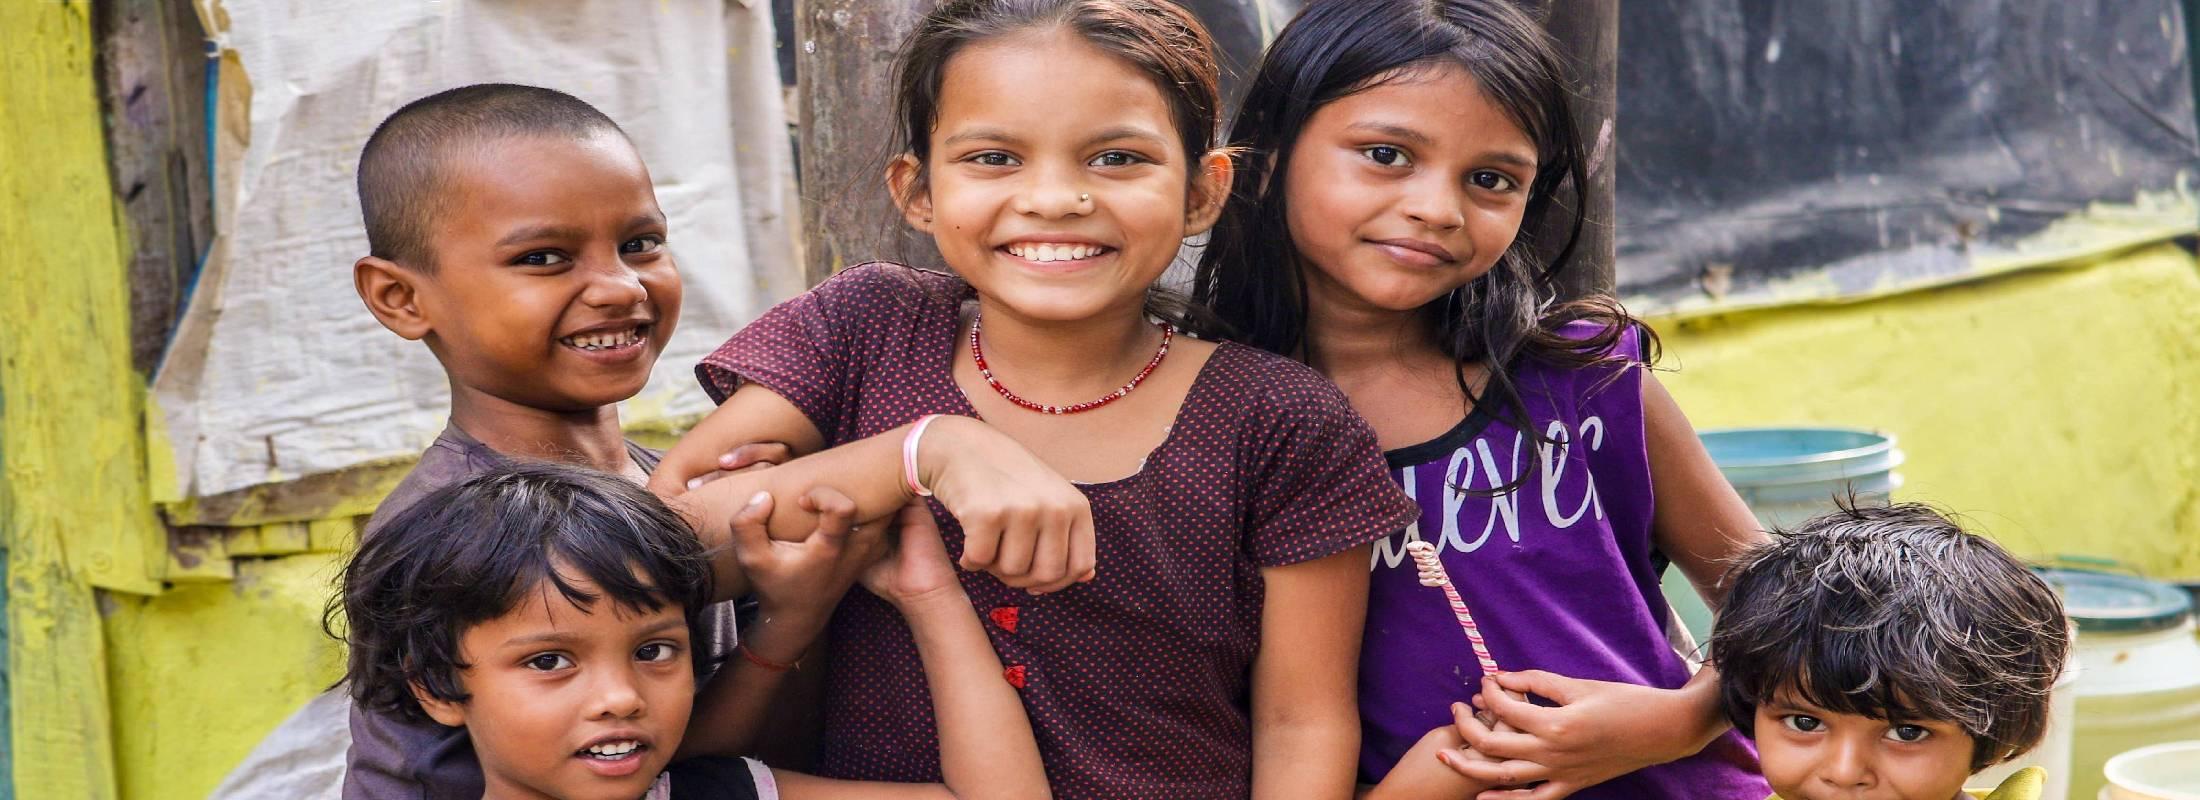 coopera con niños con dificultades auditivas en la India